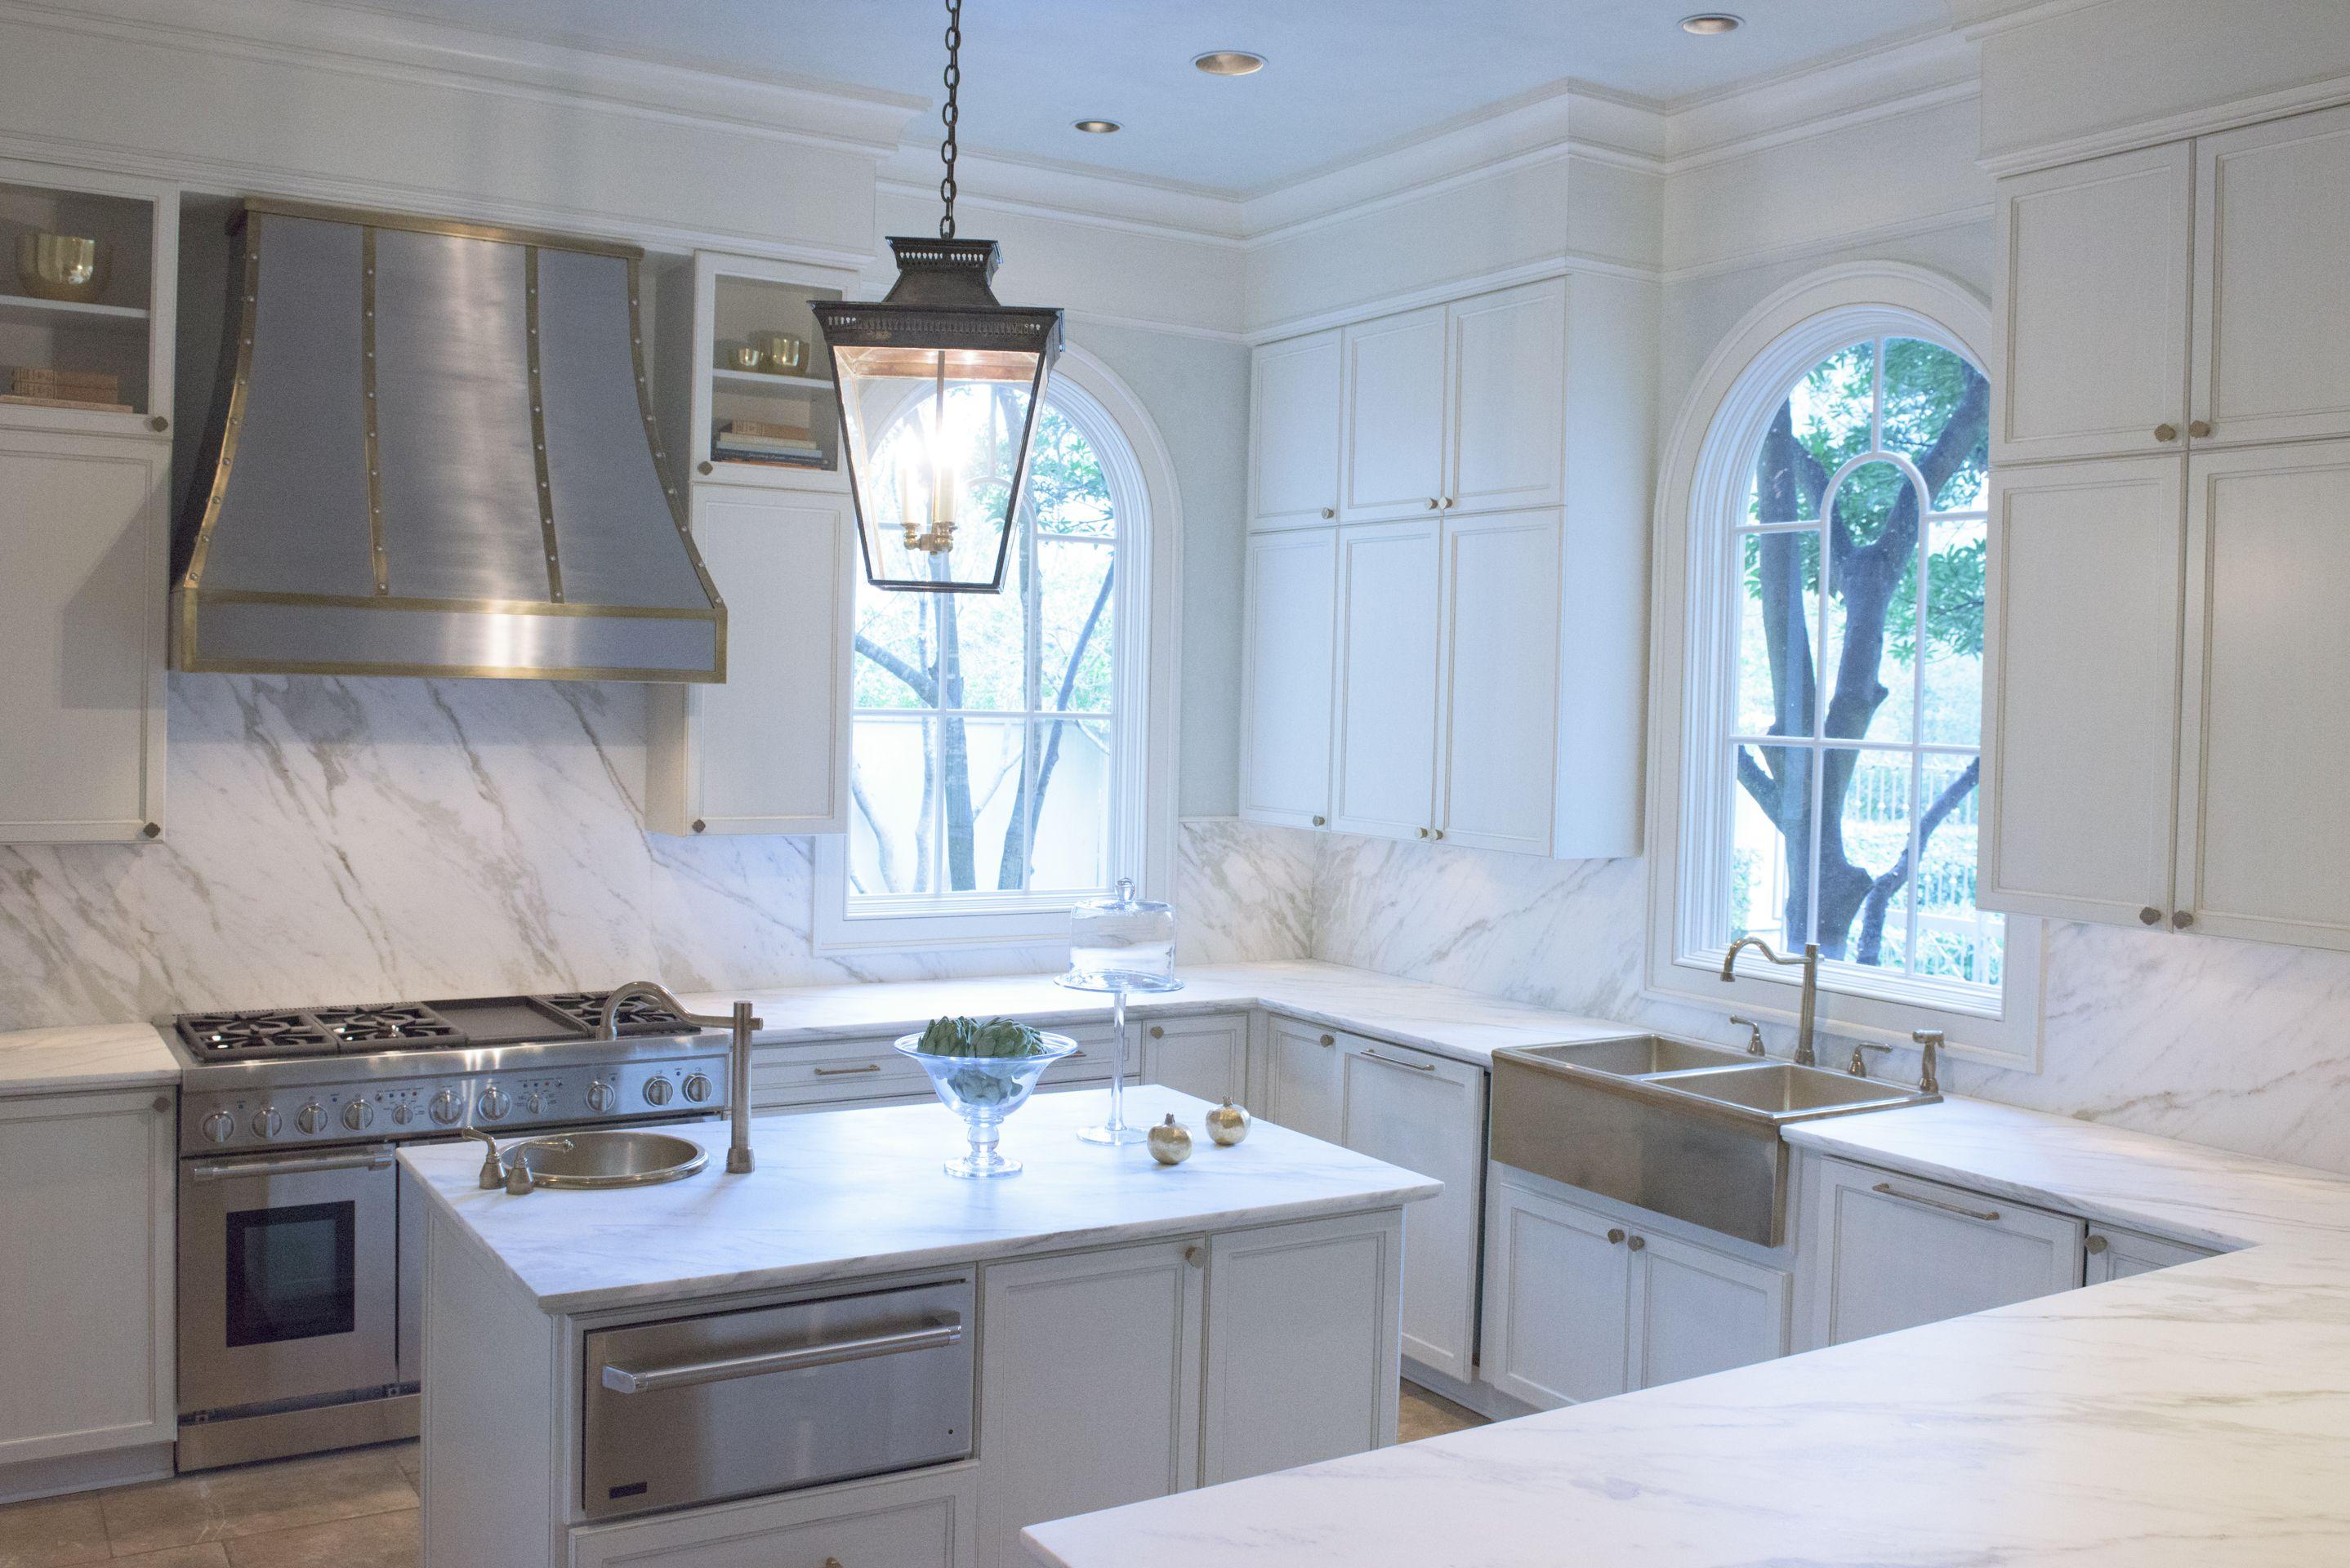 60+ Best Marble Countertops - Modern Kitchen Design